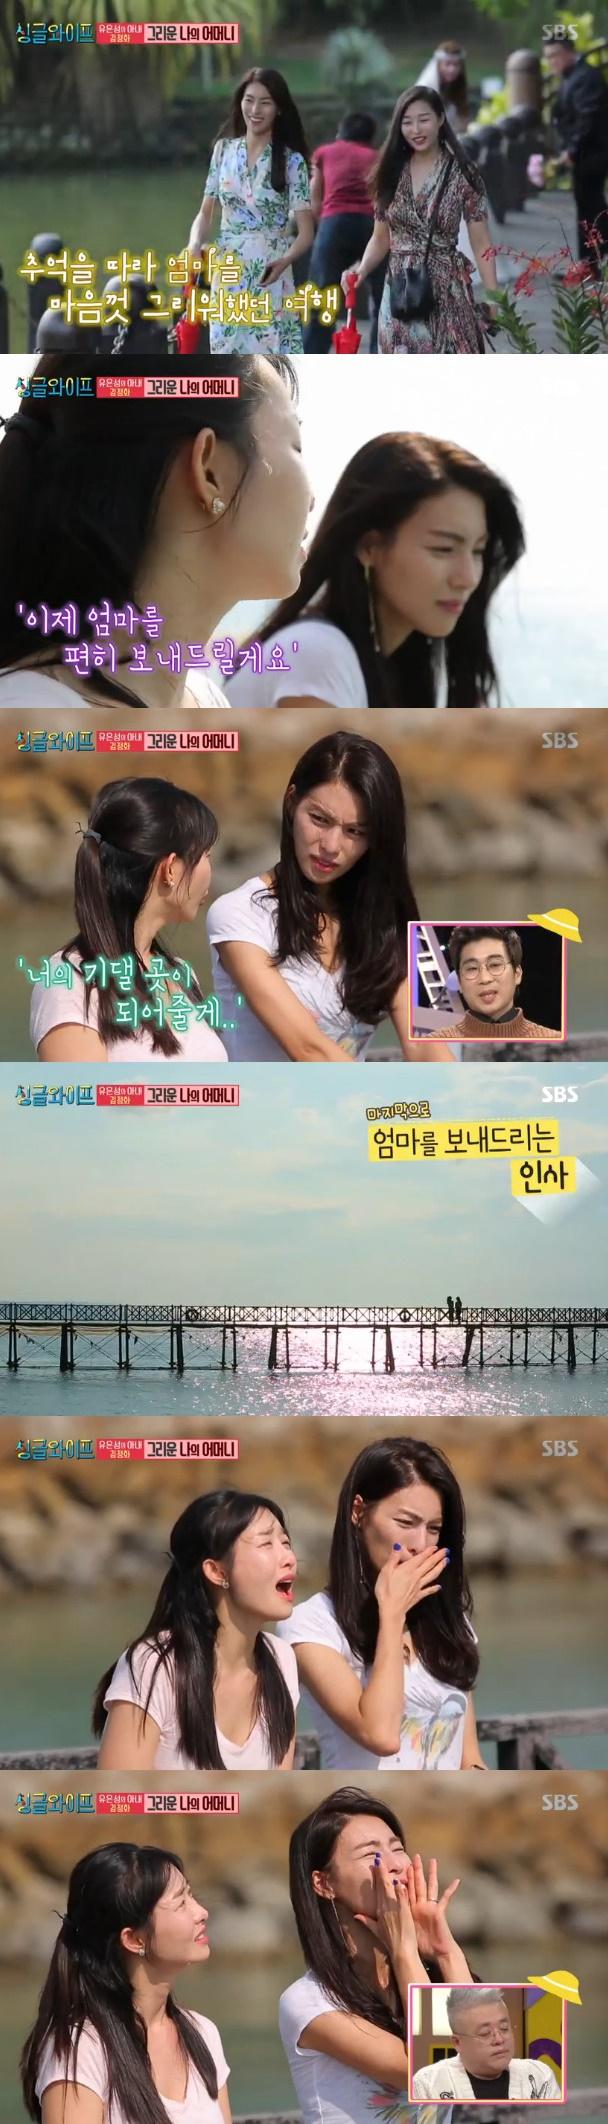 싱글와이프2 유은성 아내 김정화 친언니 김효정